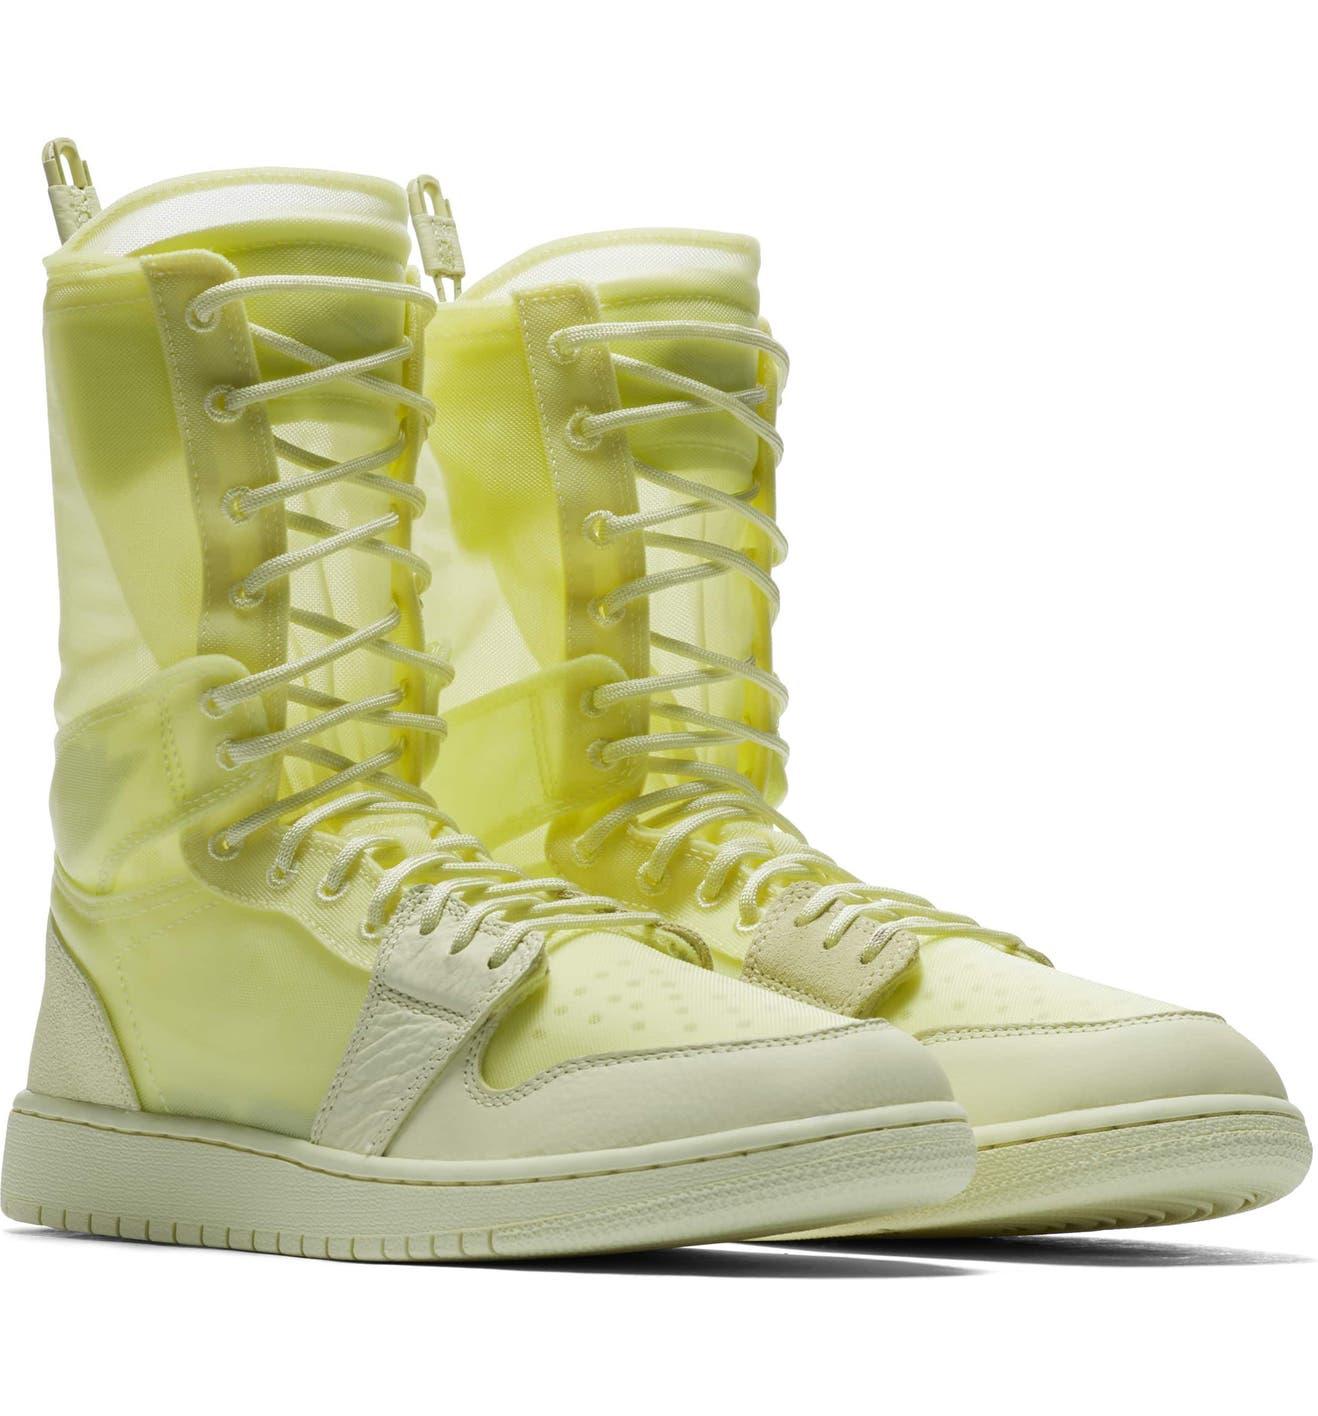 new arrival d7b3e ff405 Air Jordan 1 Explorer XX Convertible High Top Sneaker